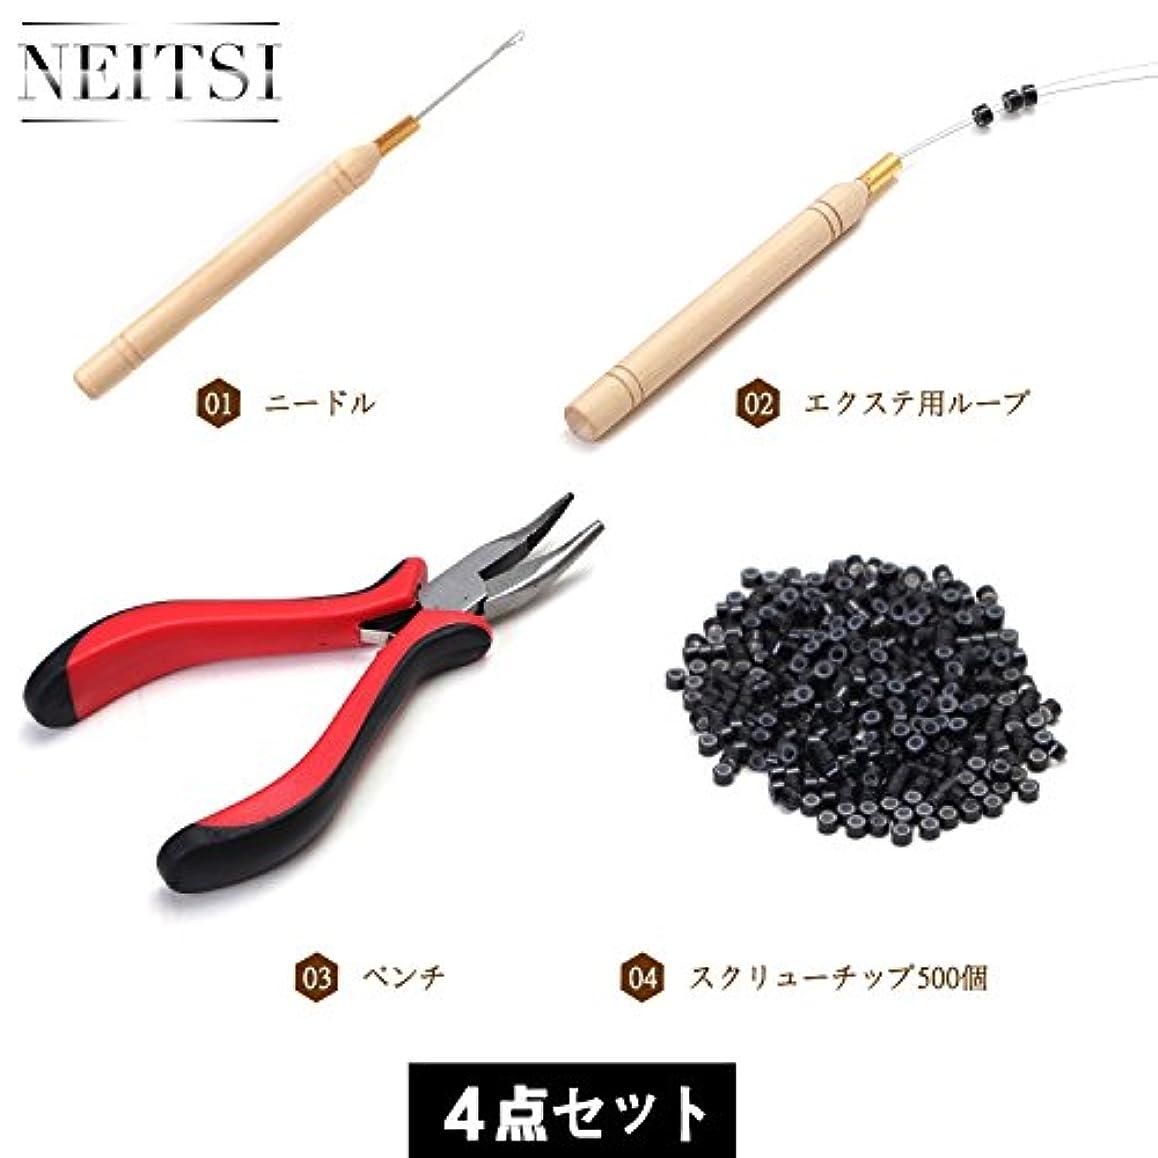 Neitsi(ネイティス)エクステ用プライヤー 先曲ペンチ エクステ用フック針 ビーズ針 ビーズ通し シリコーンビーズ マイクロリング 輪(500粒) ウィッグ用工具セット (ブラックのビーズ?工具セット)